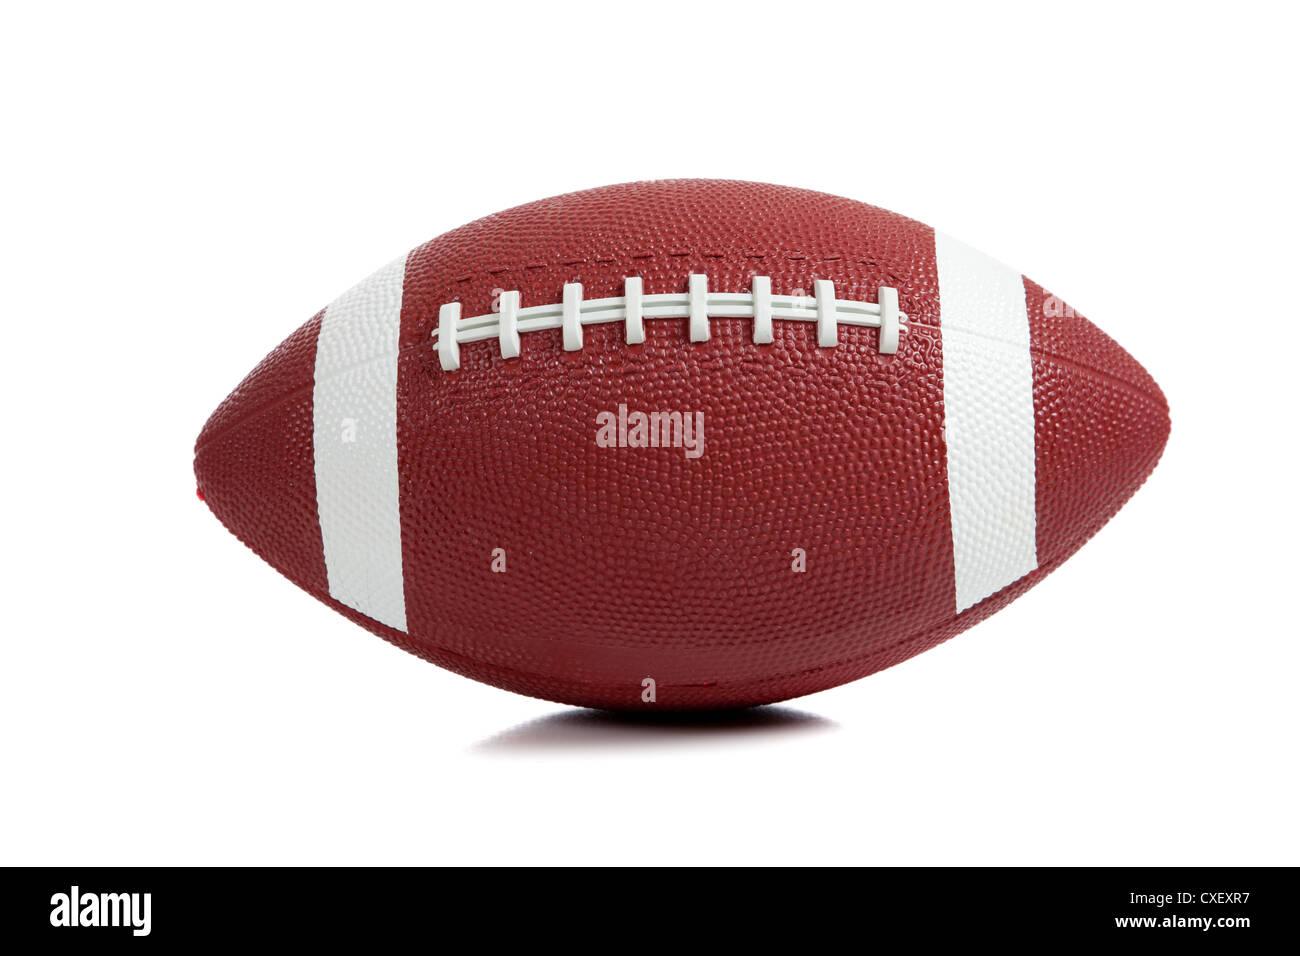 Un american football su sfondo bianco Immagini Stock